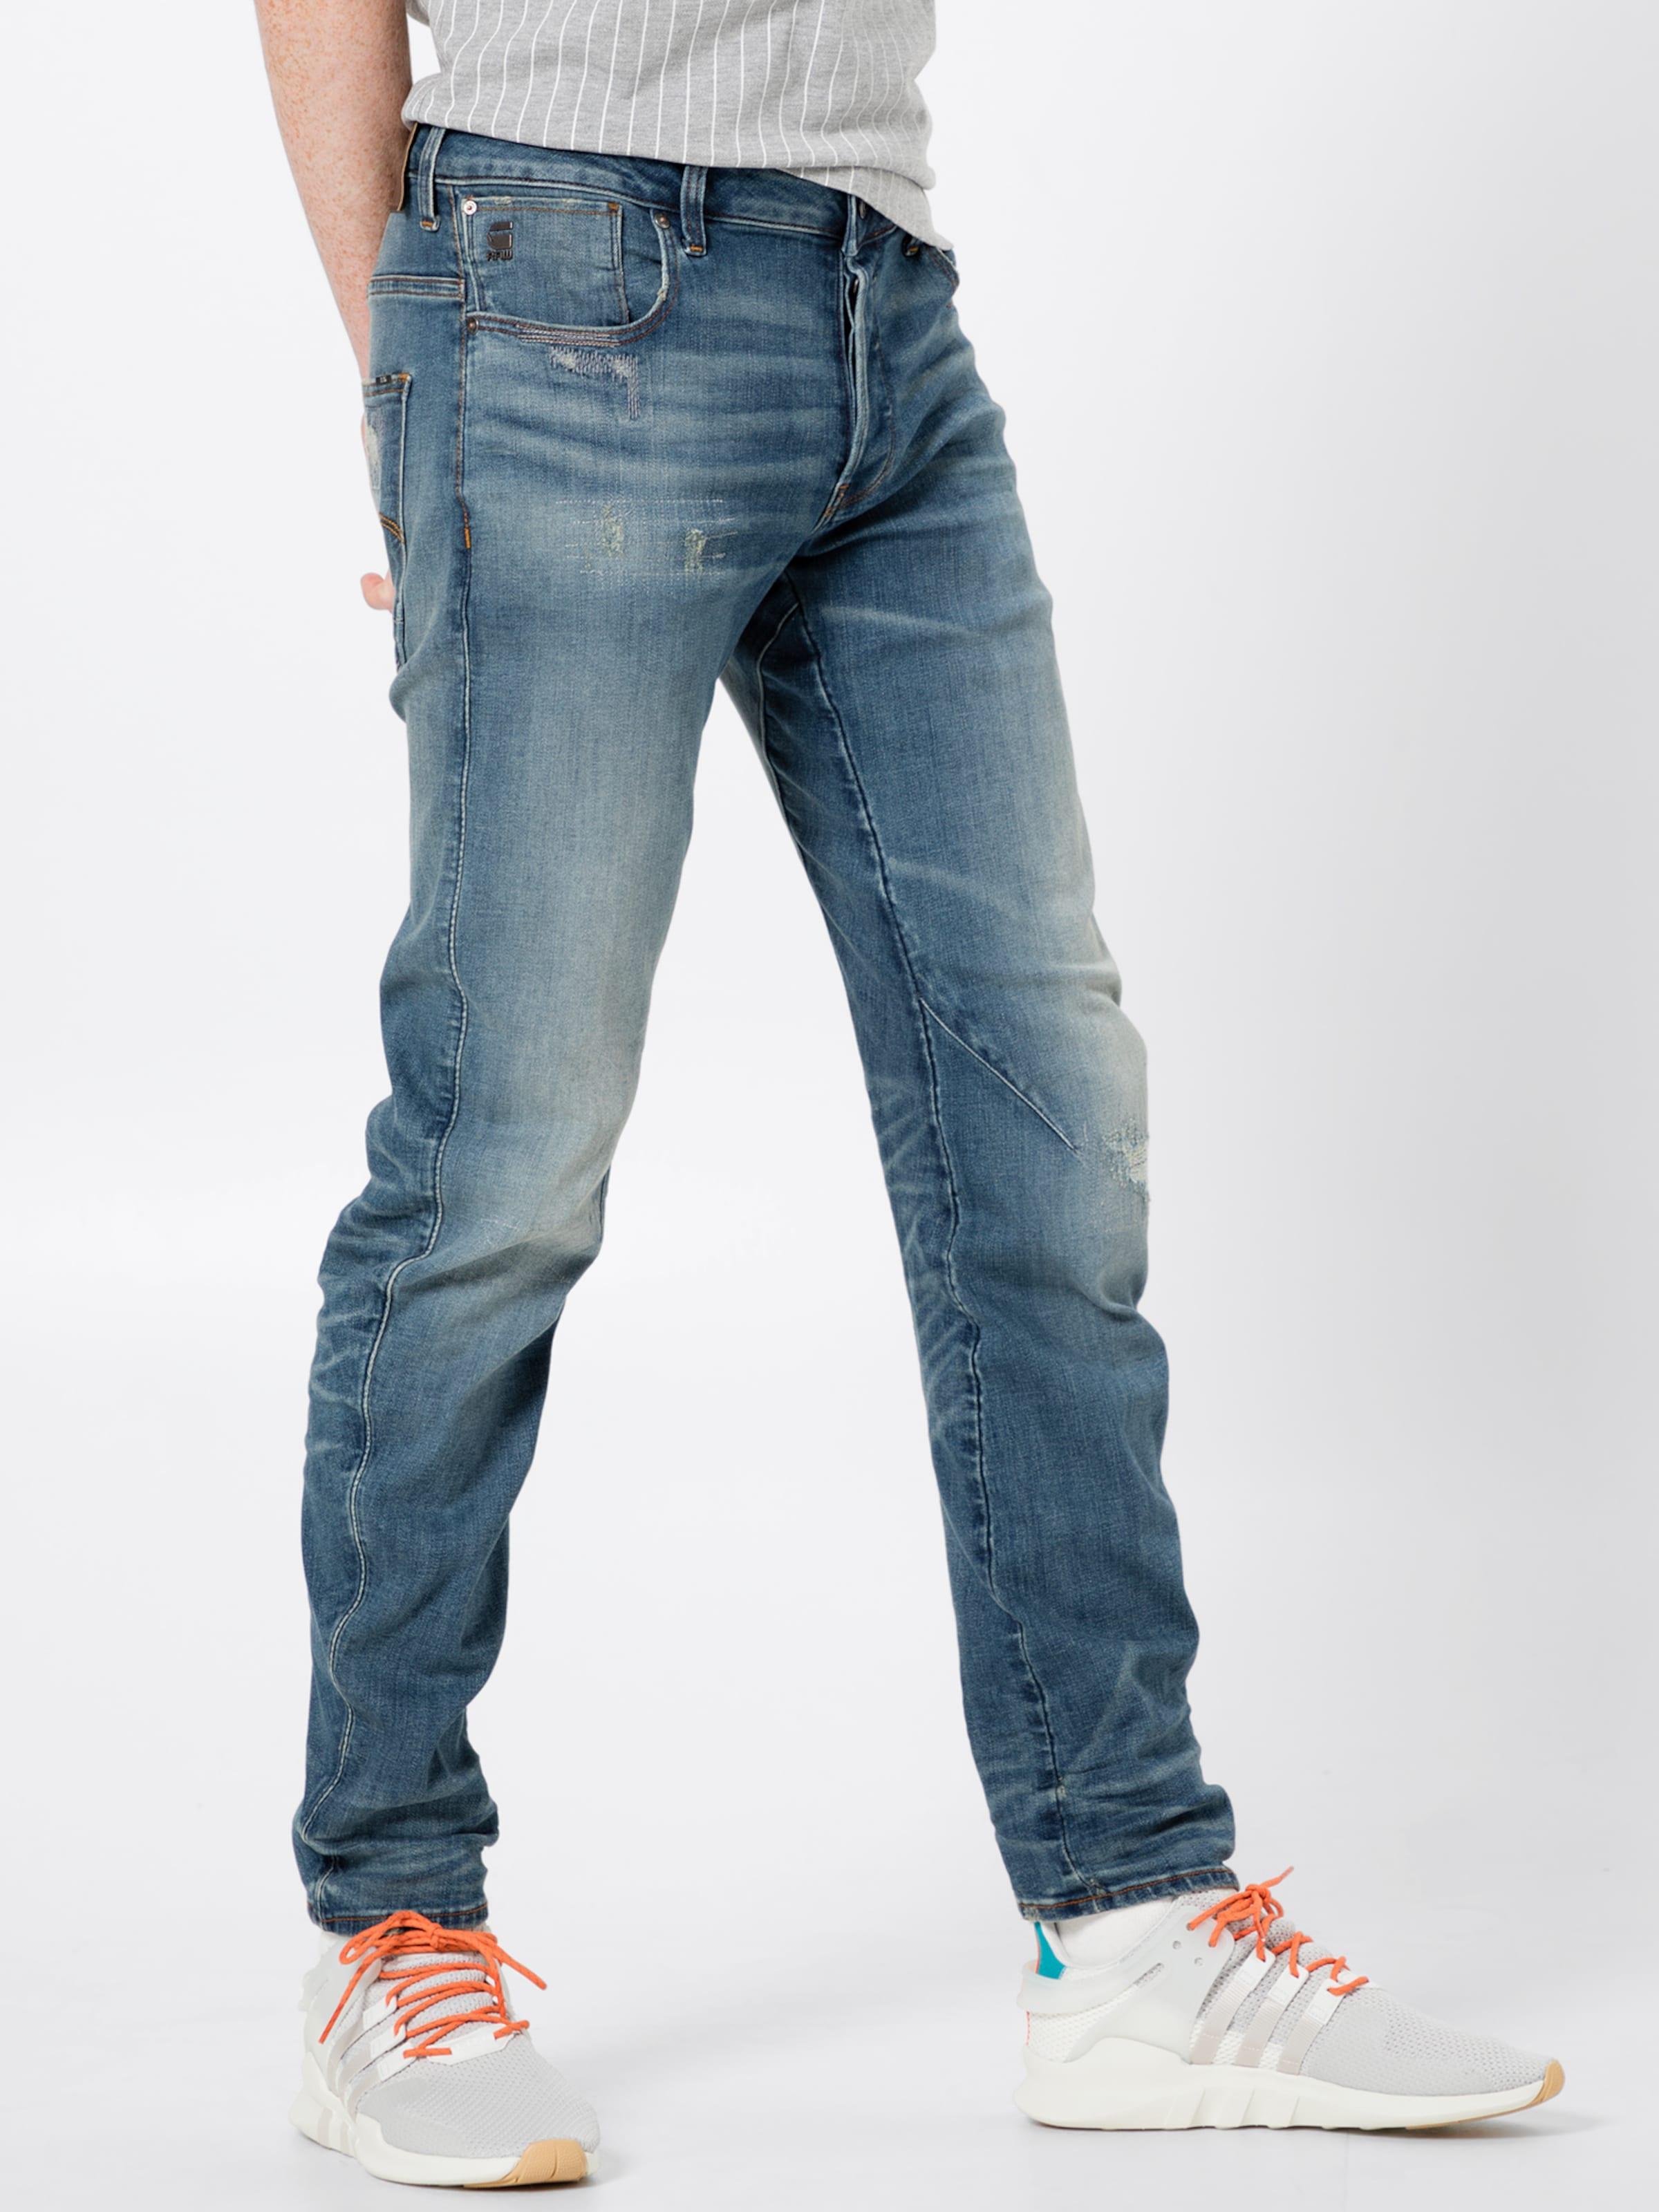 star 3d Slim' Jean En 'arc Raw Bleu Denim G fyIgb6vmY7